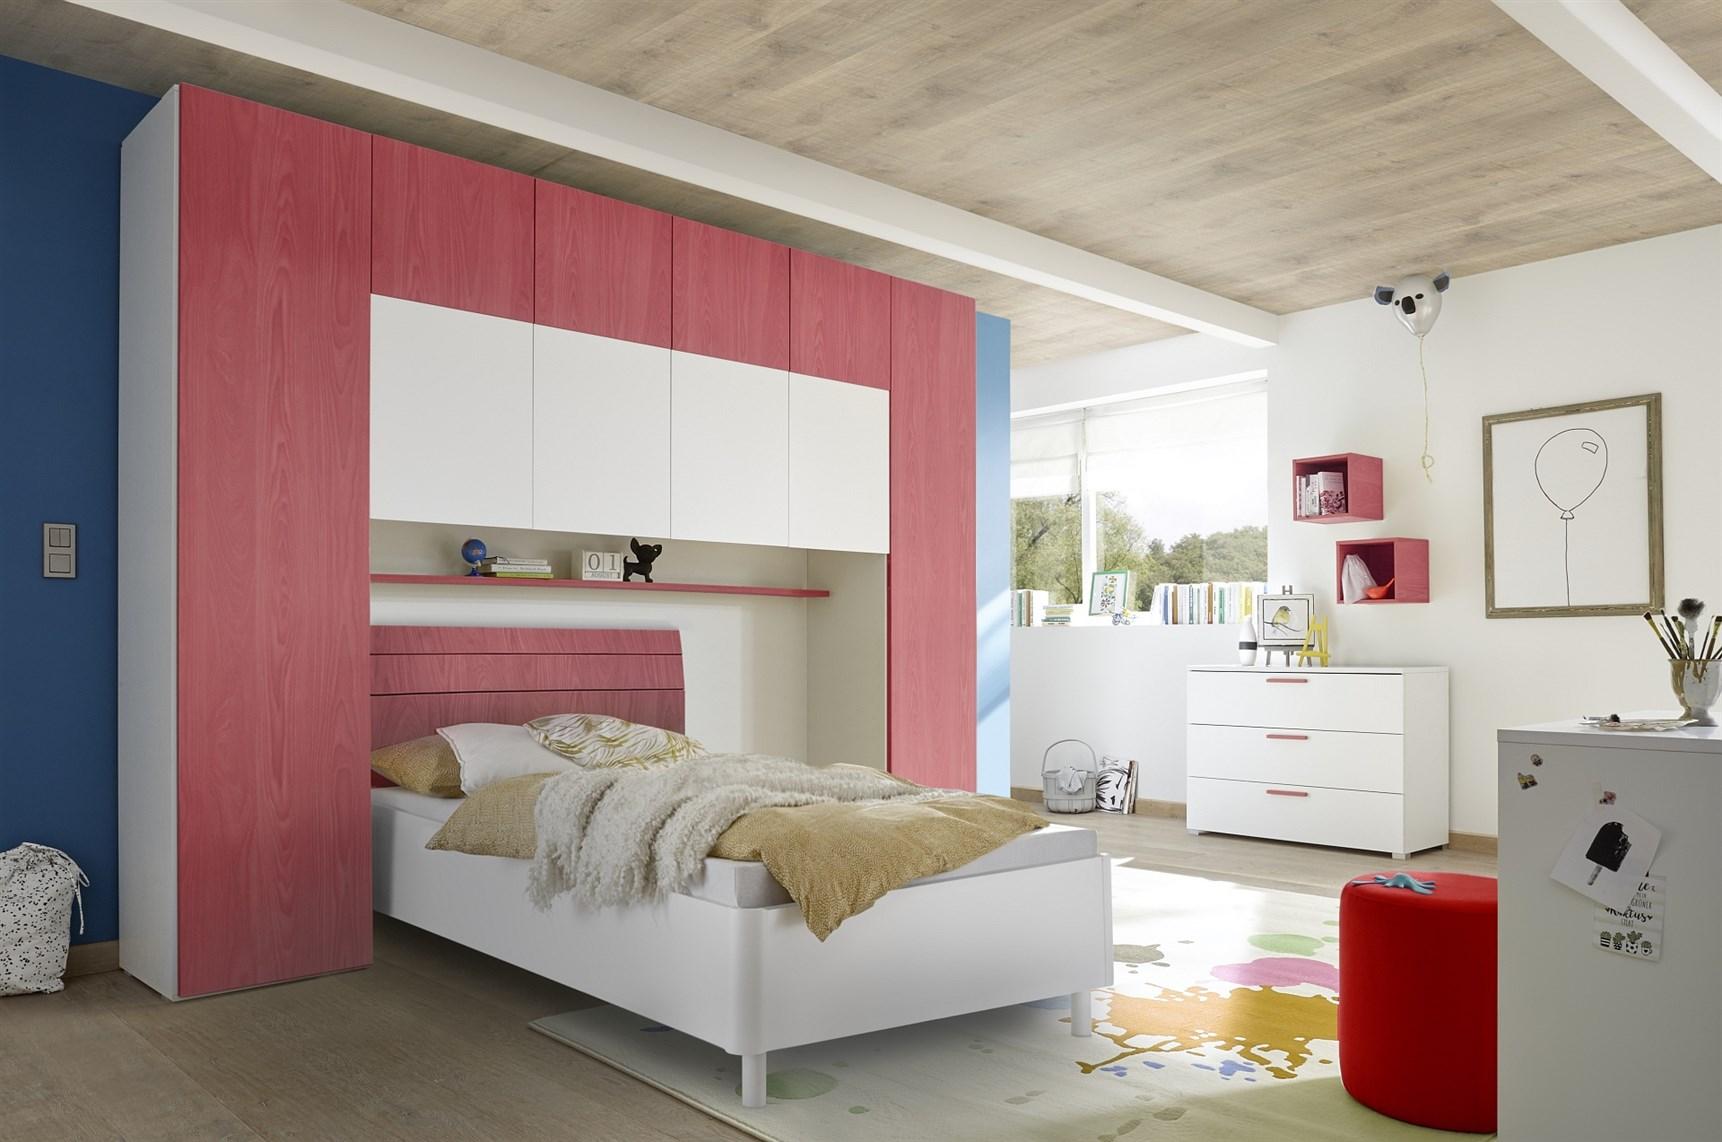 Camera Matrimoniale A Ponte Offerte.Cameretta Ponte Enjoy 2 Bianco Opaco E Rosso Venato Arredamenti